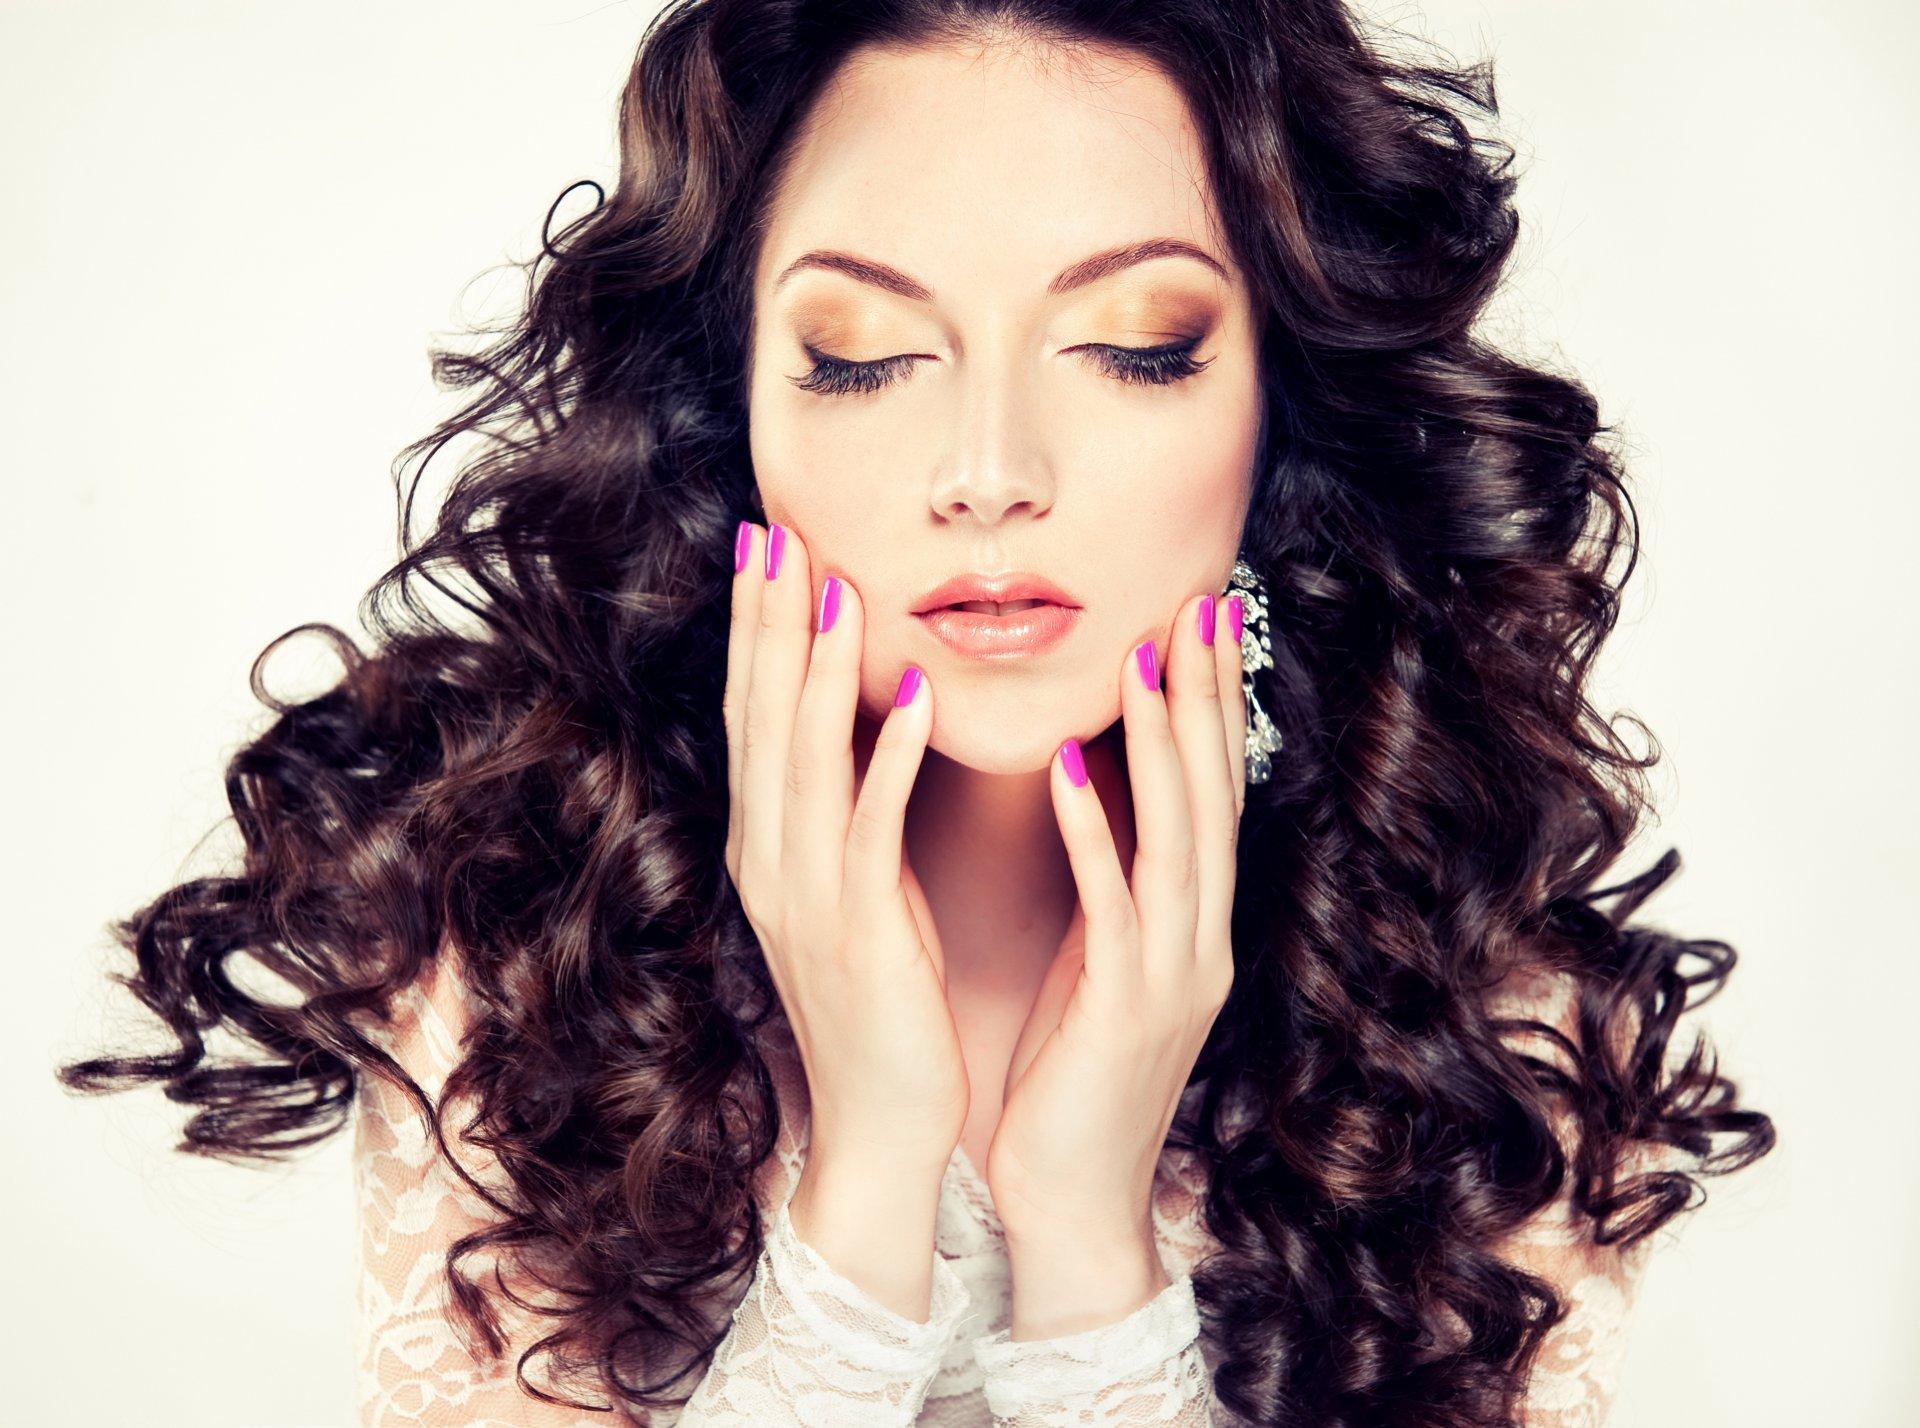 Девушка с макияжем и длинными волосами 251